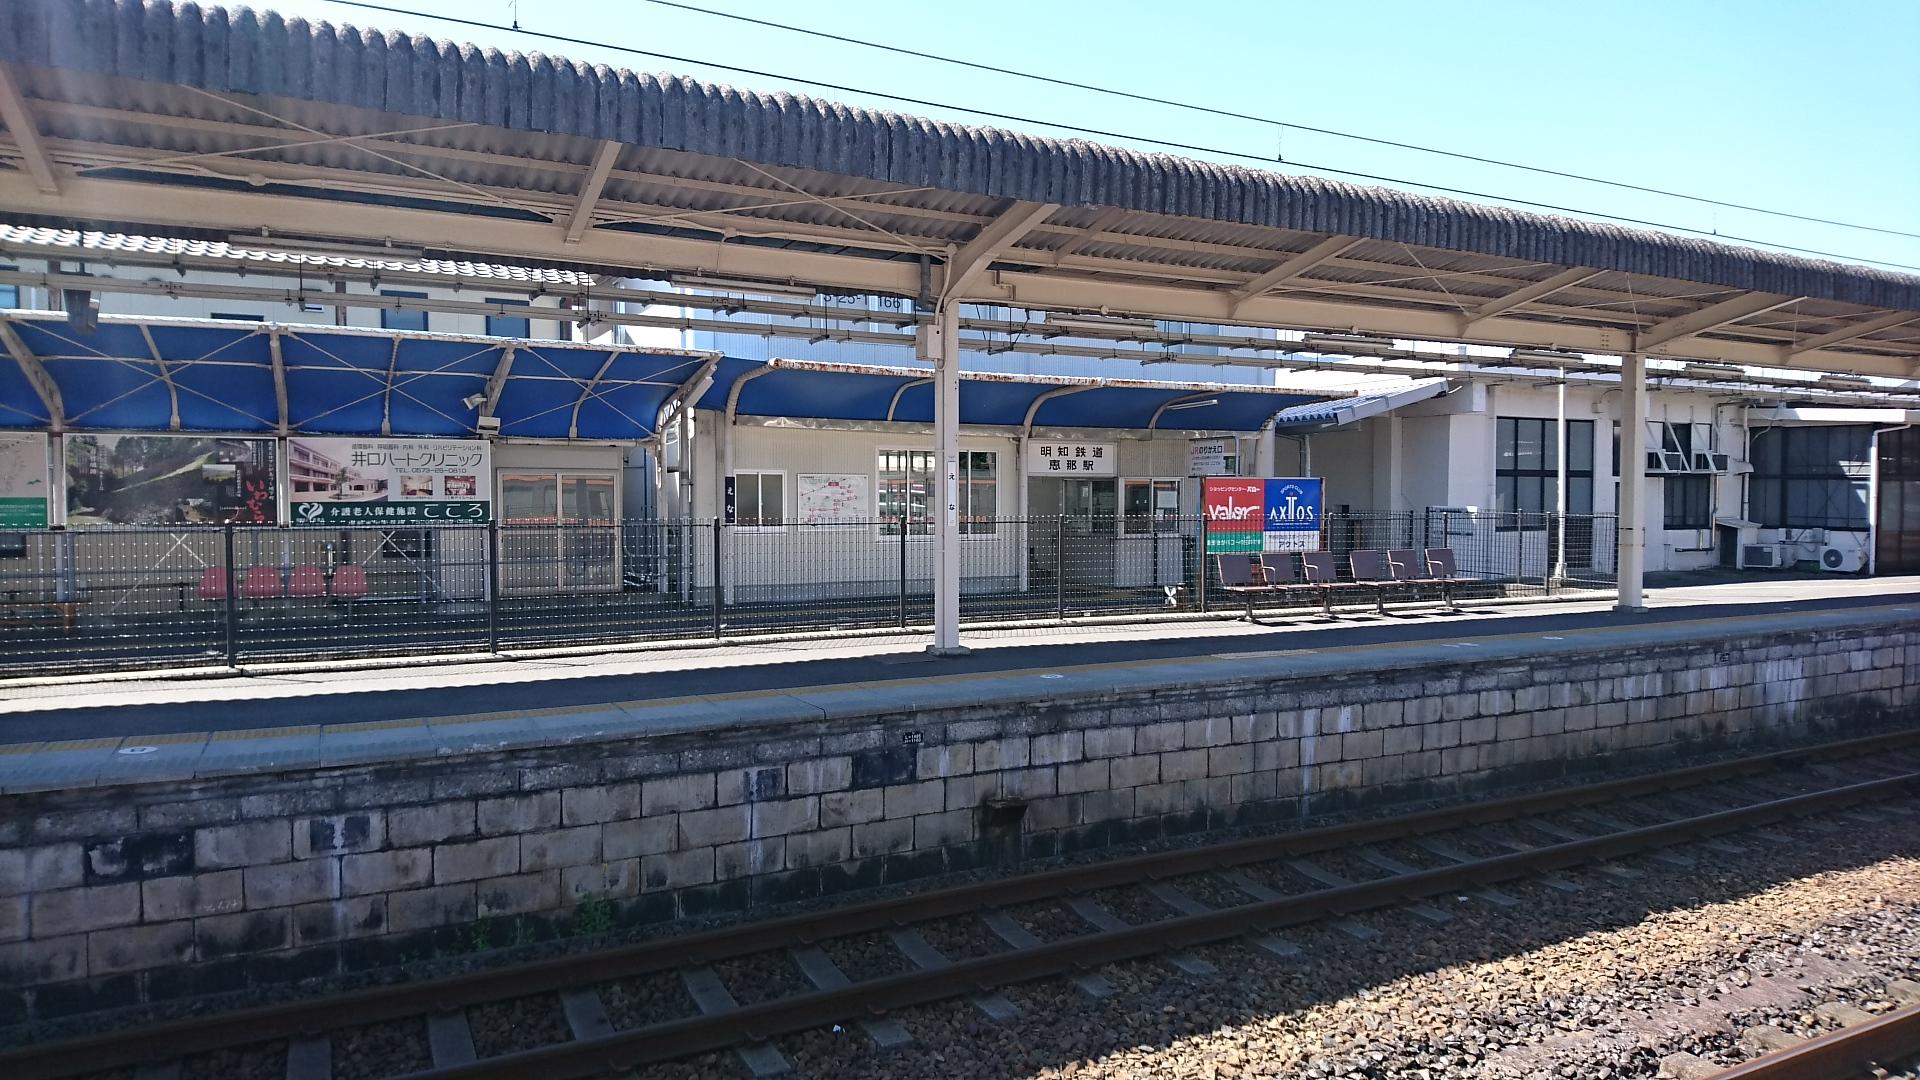 2017.5.19 大井 (12) 恵那=明知鉄道かいさつぐち 1920-1080